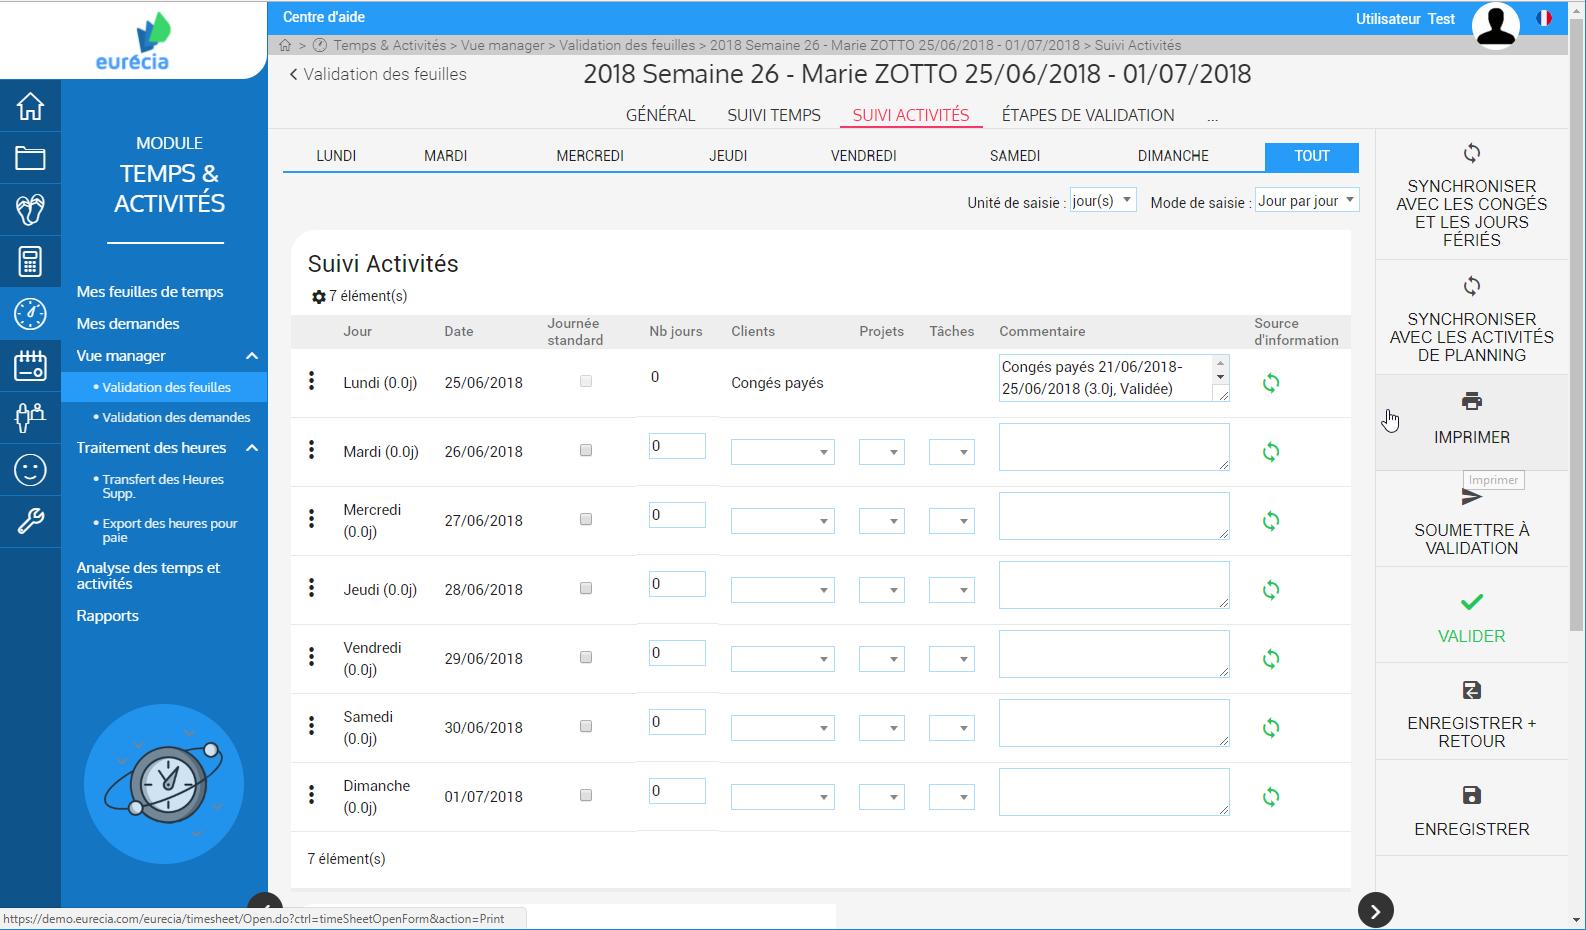 Module de gestion Temps & Activités : Validation des feuilles de temps